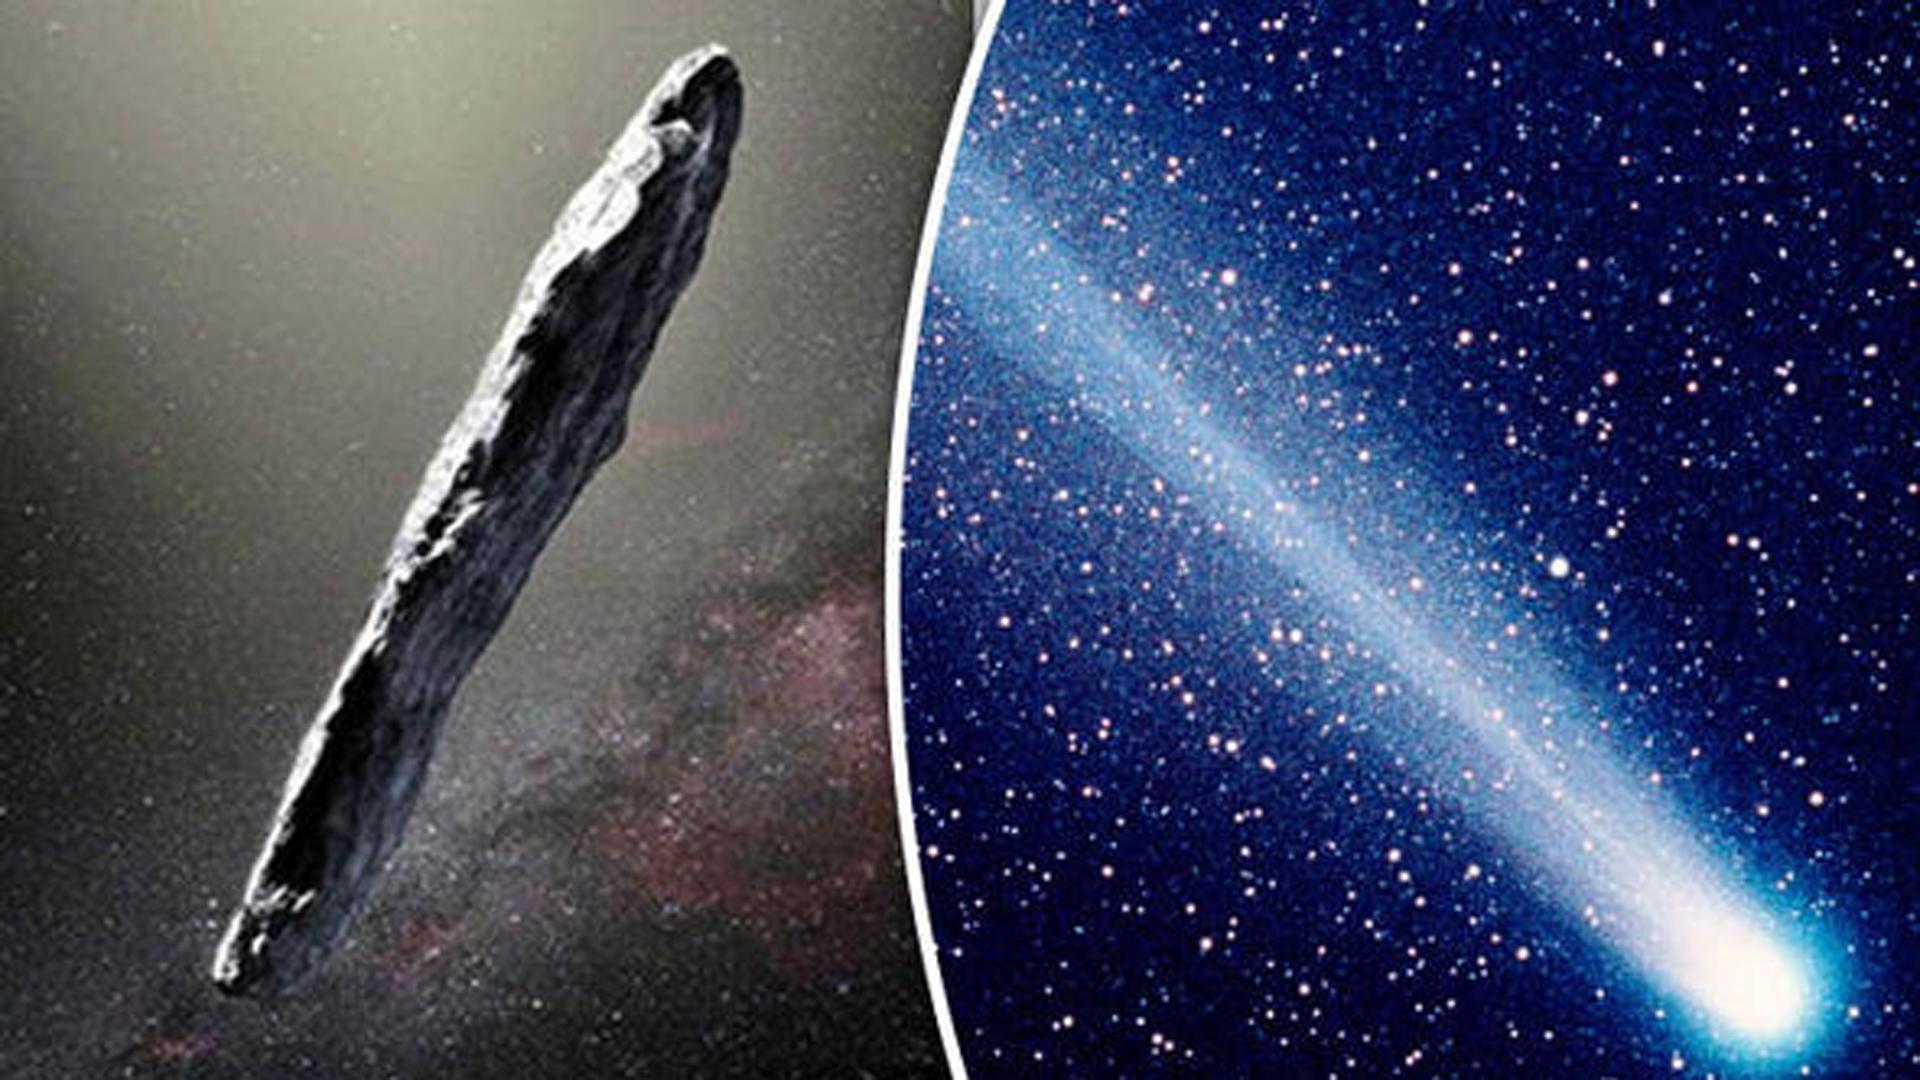 Se registró un exceso de aceleración de Oumuamua lejos del Sol